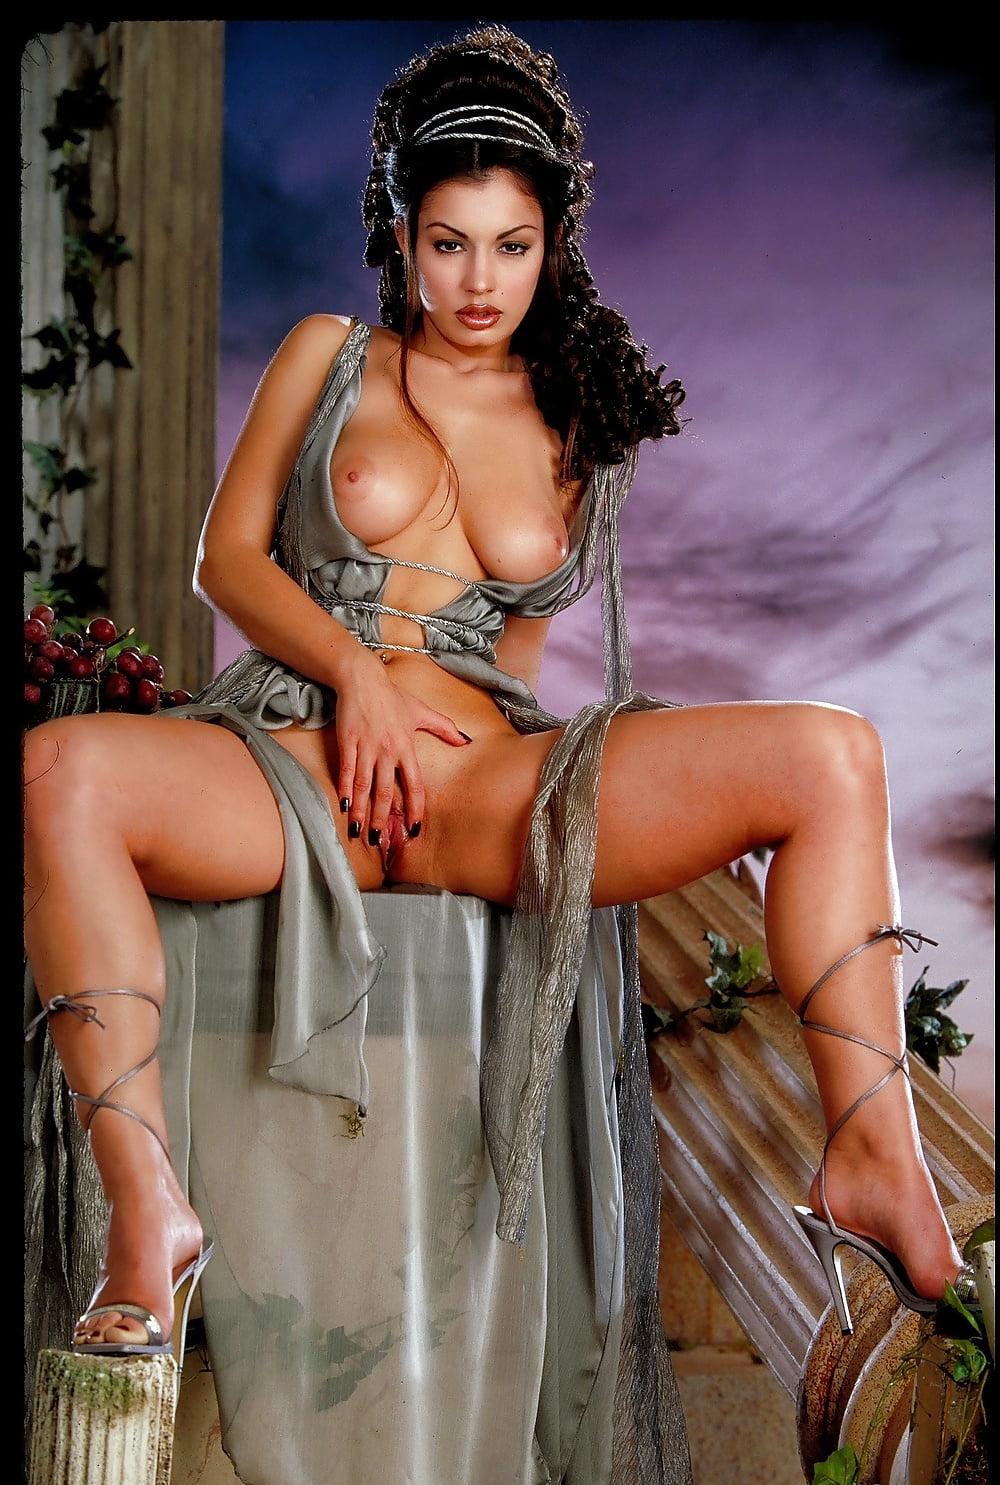 Goddess nude Goddess Nudes